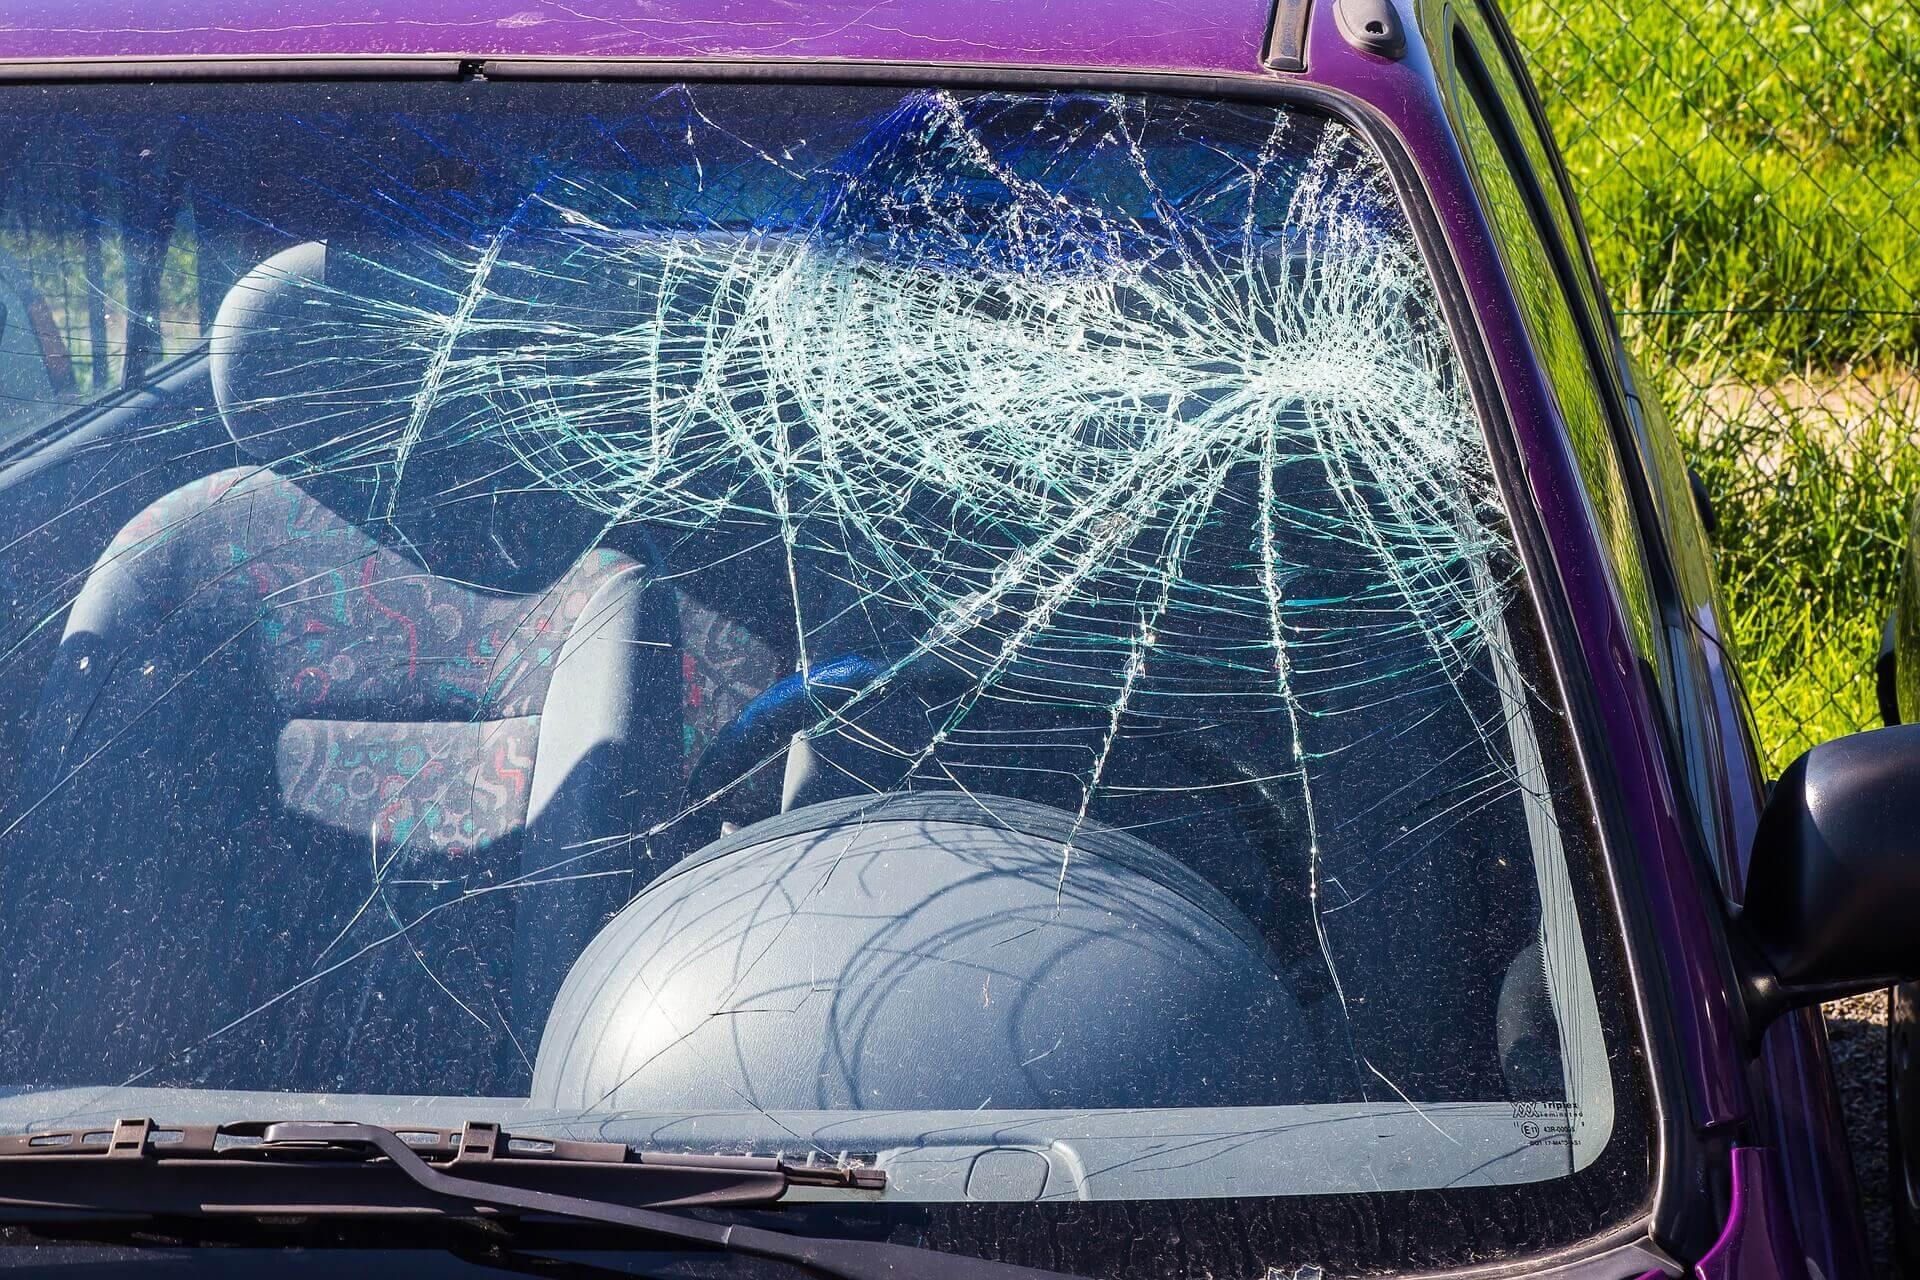 Doble Indemnización: A.R.T. y Seguro De Responsabilidad Civil Automotor ¿Cómo y qué reclamar a cada seguro?